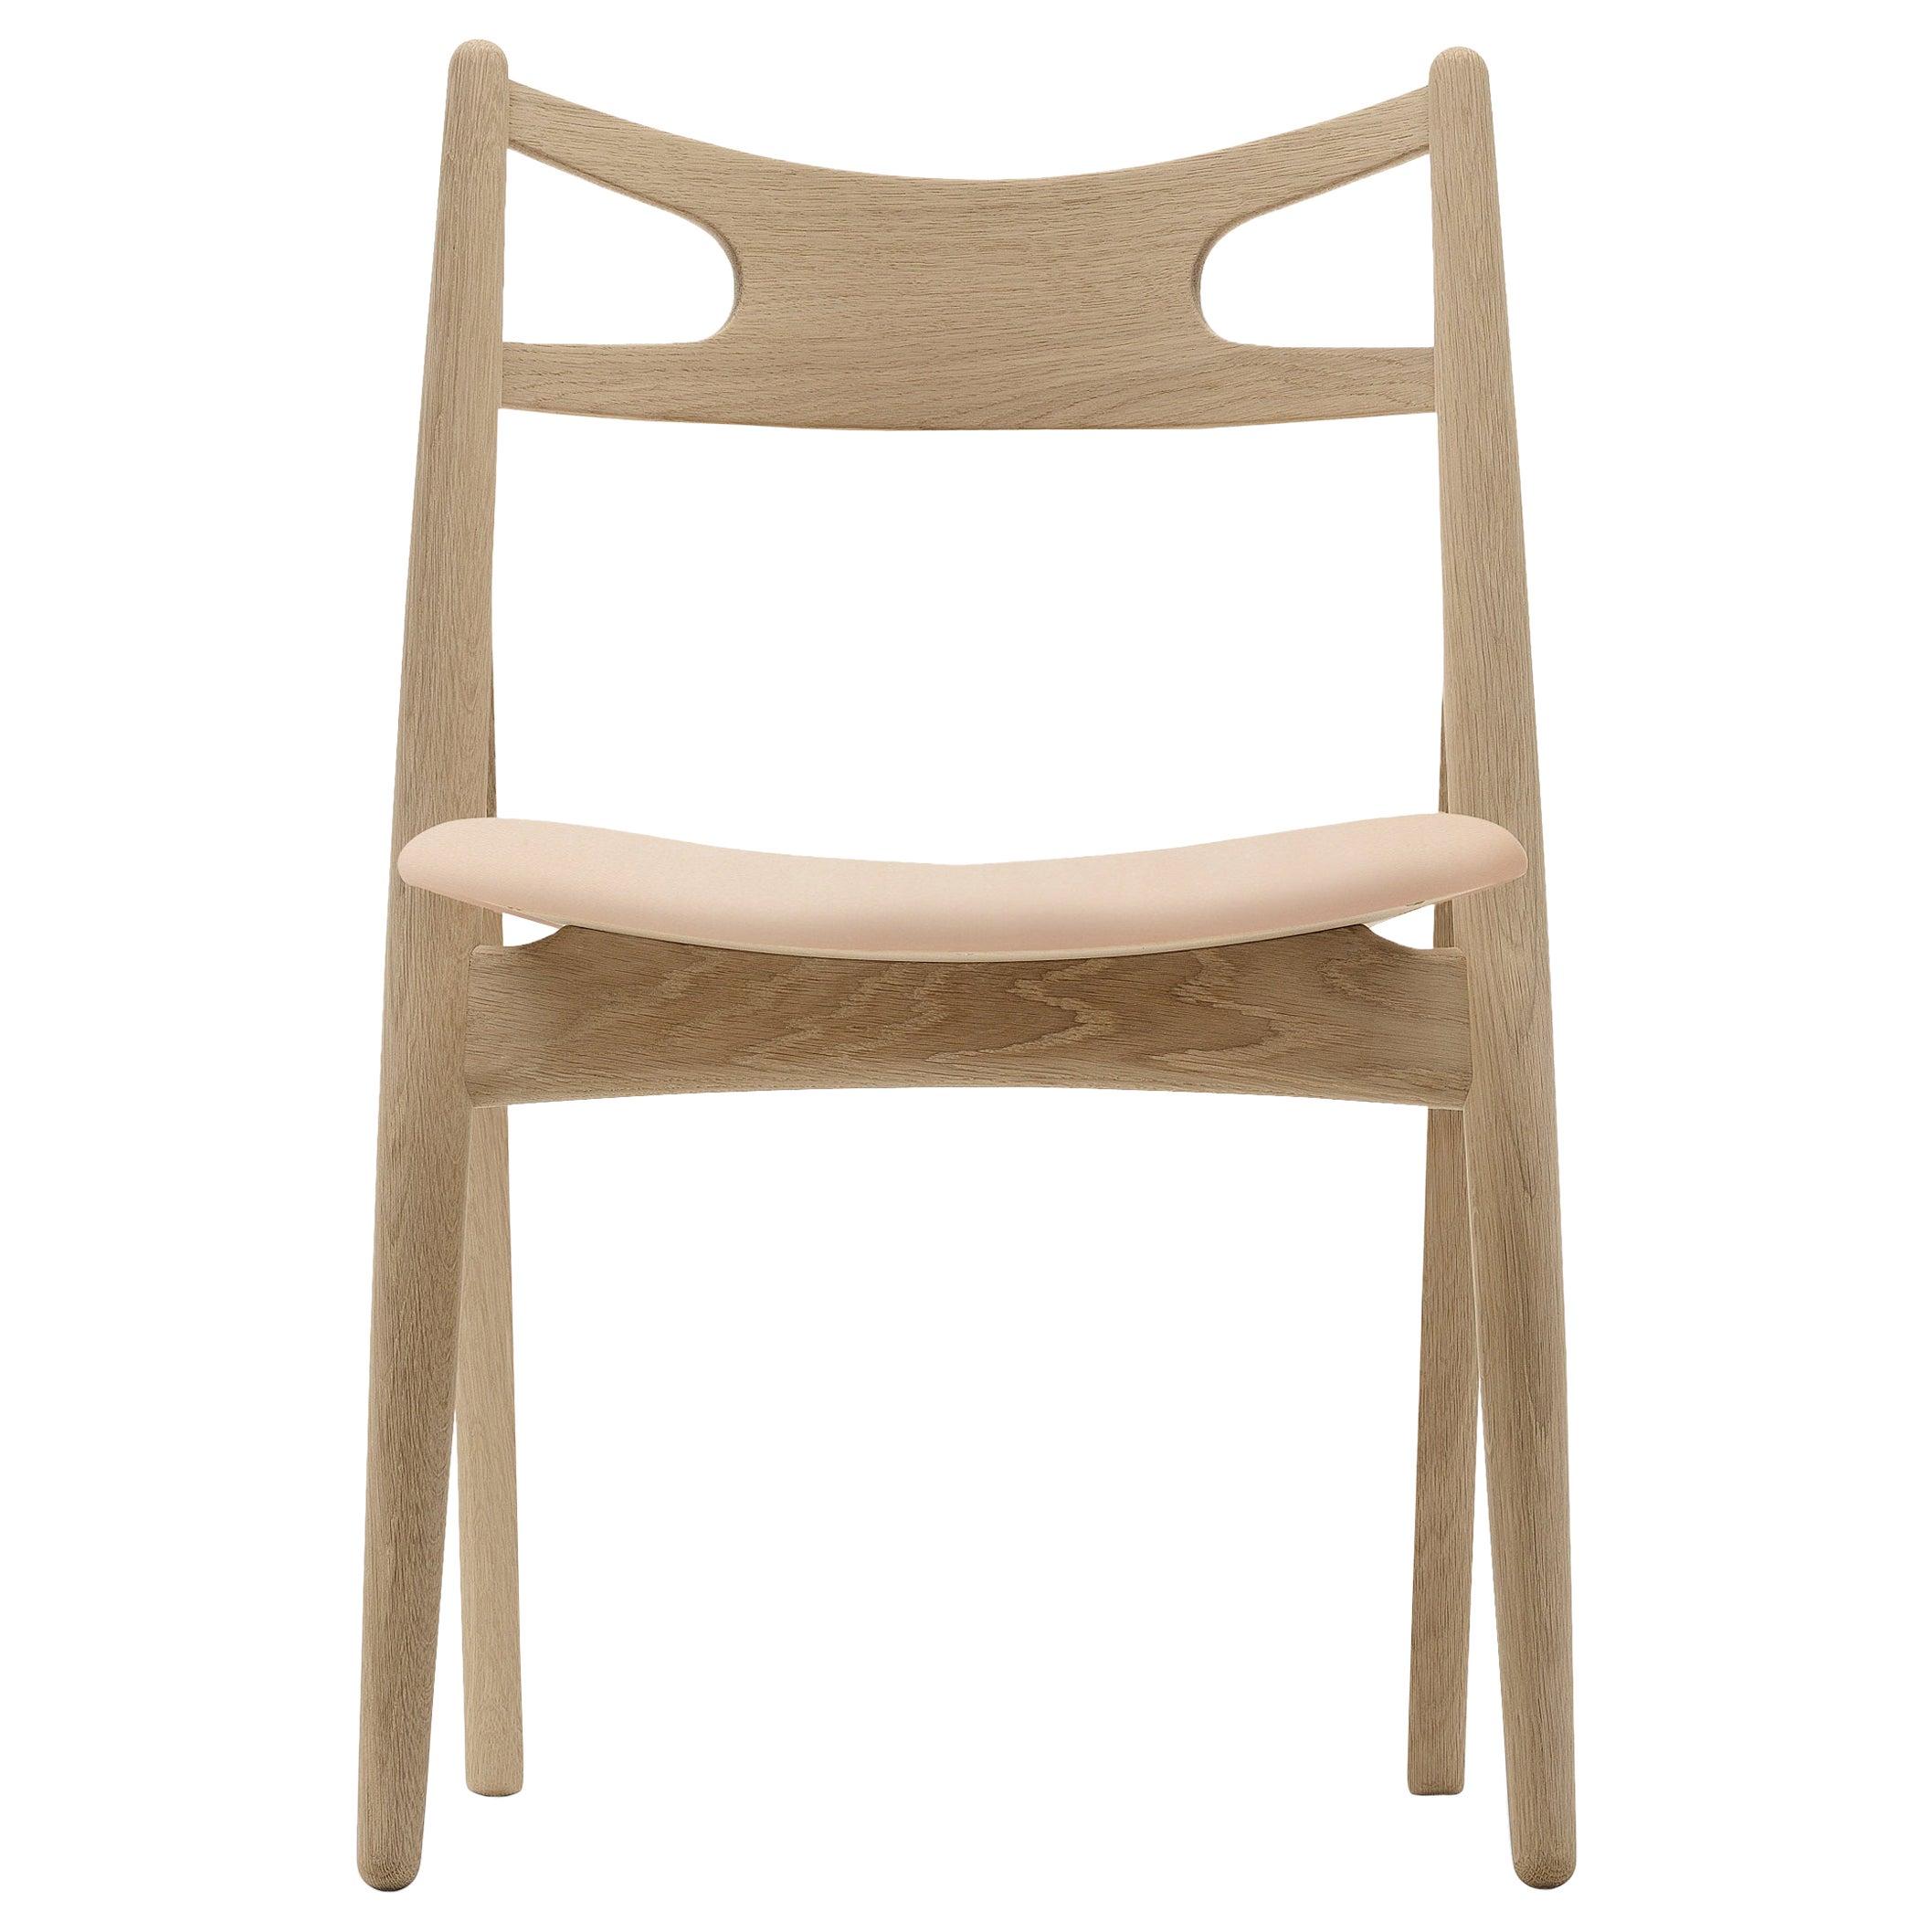 CH29P Sawbuck Chair in Oak Soap by Hans J. Wegner